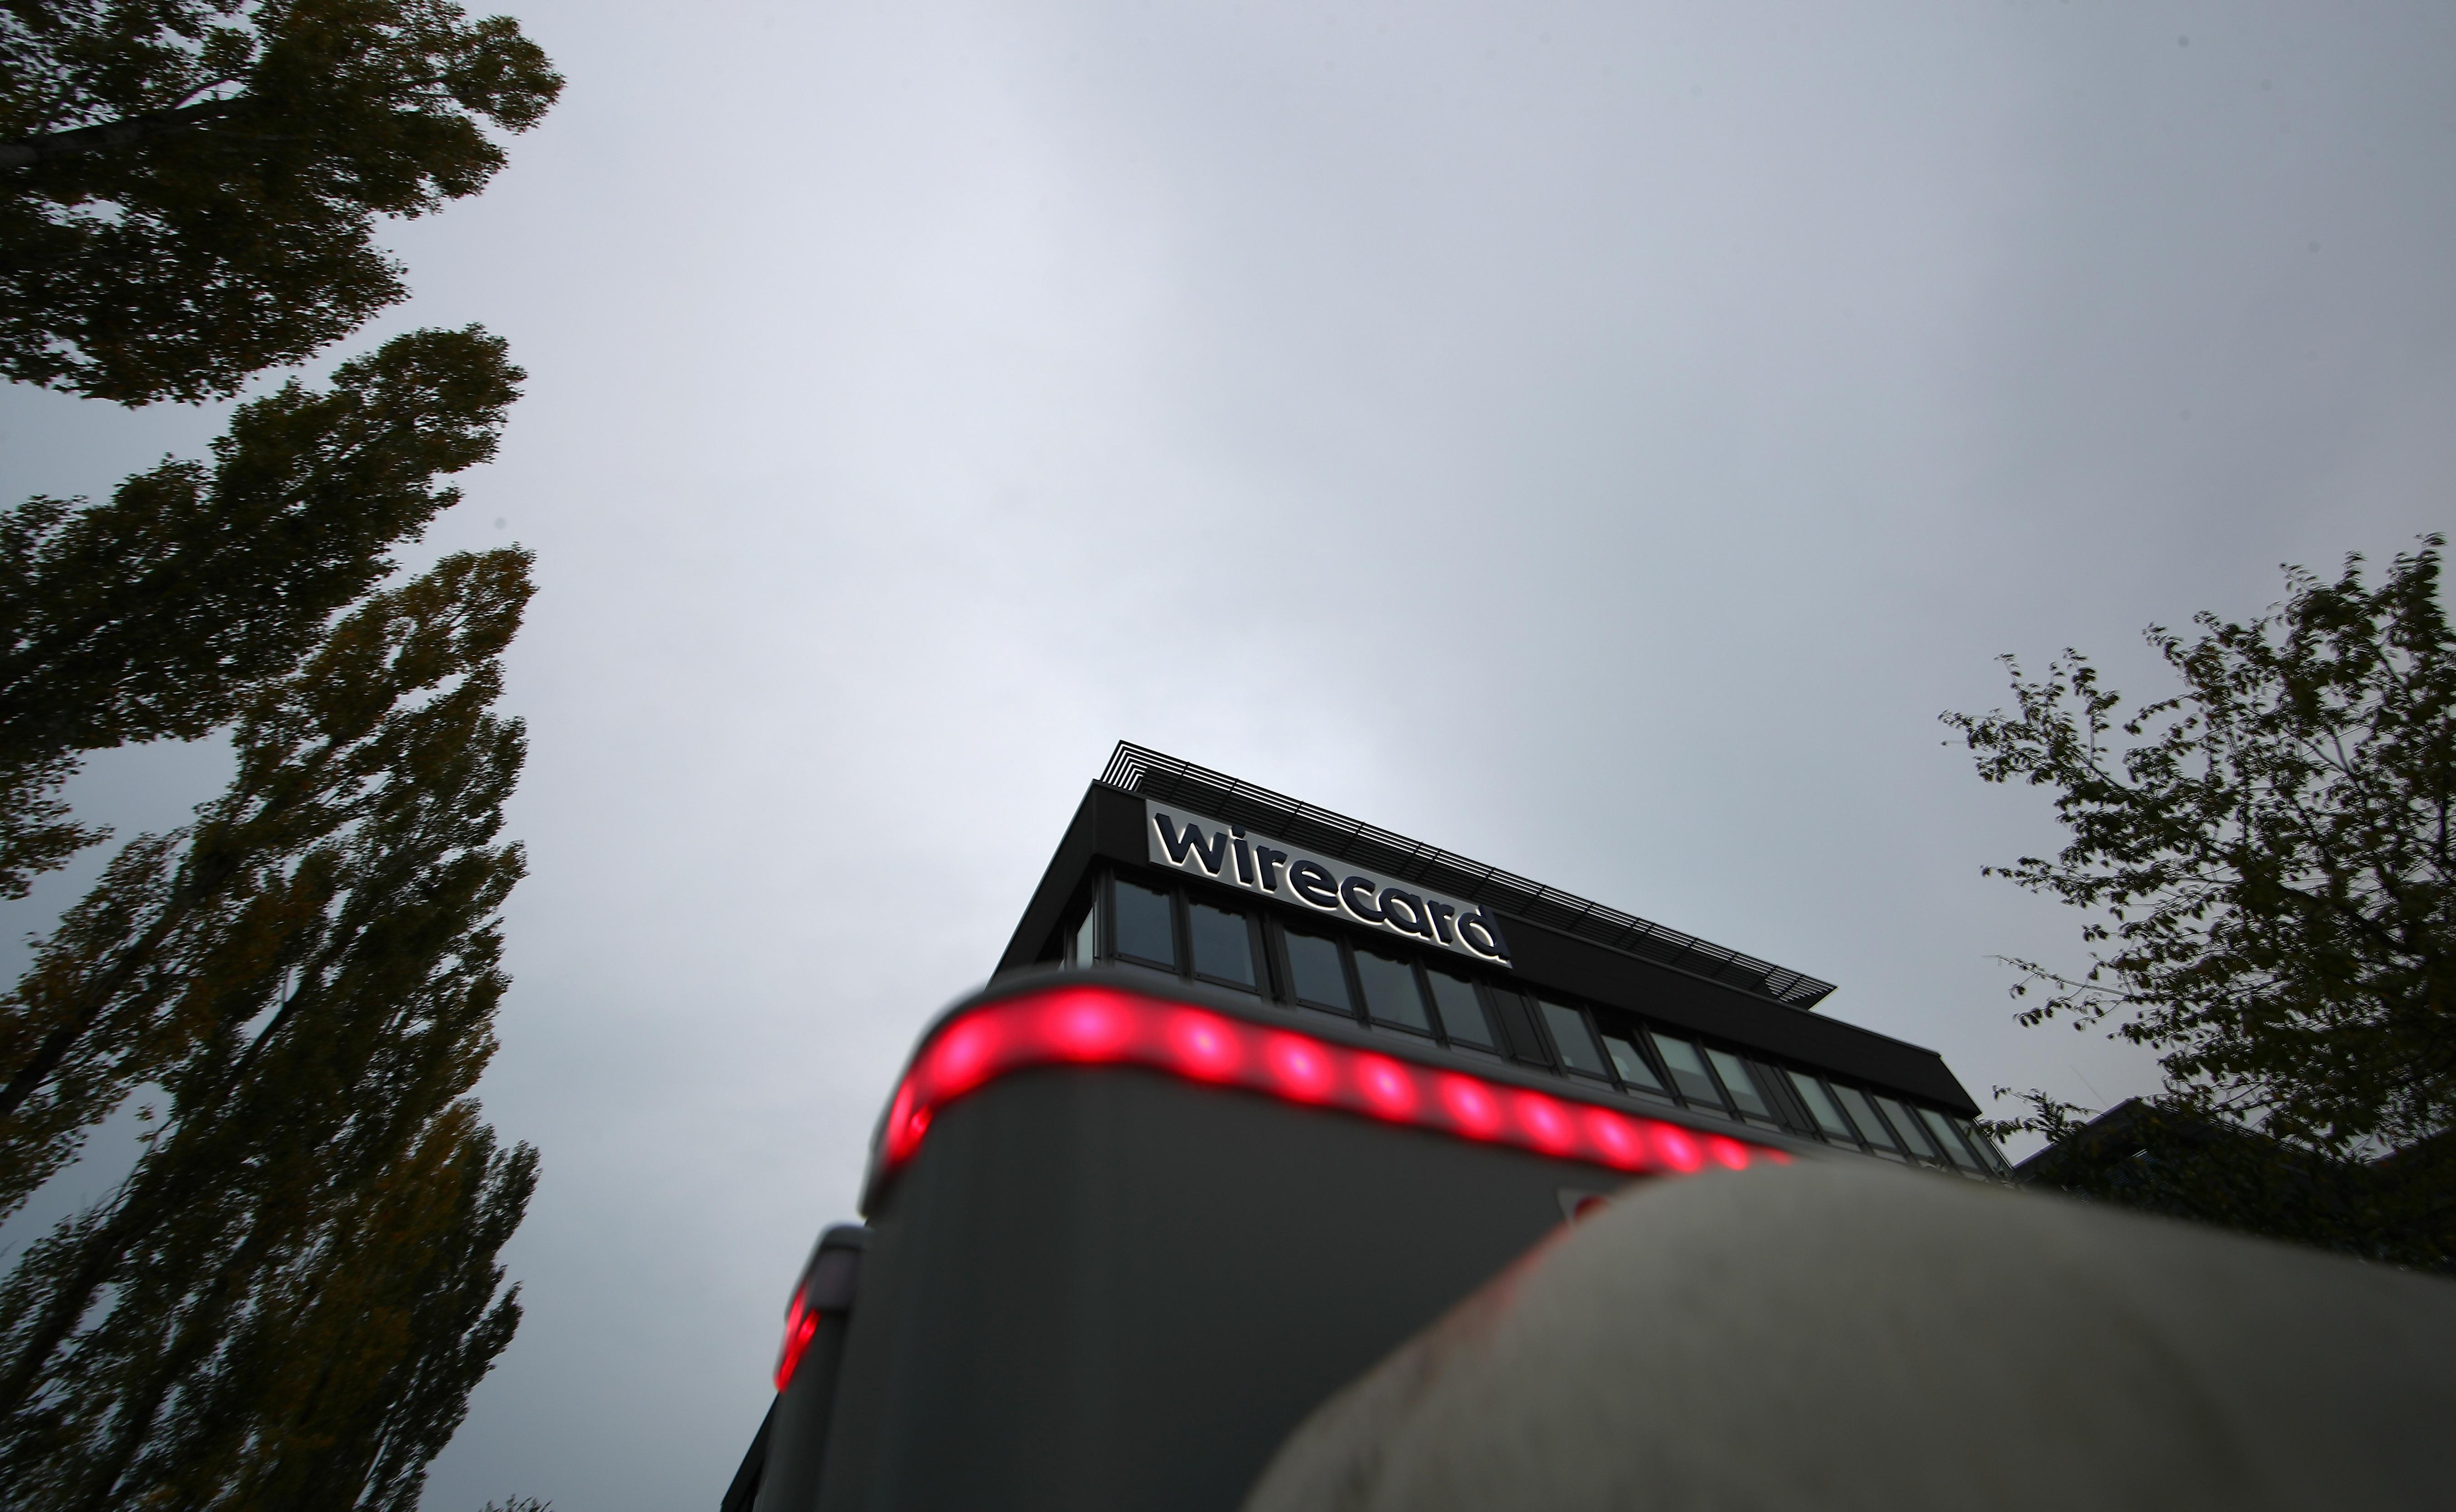 Singapurs Finanzaufsicht verbietet Wirecard Zahlungsgeschäft